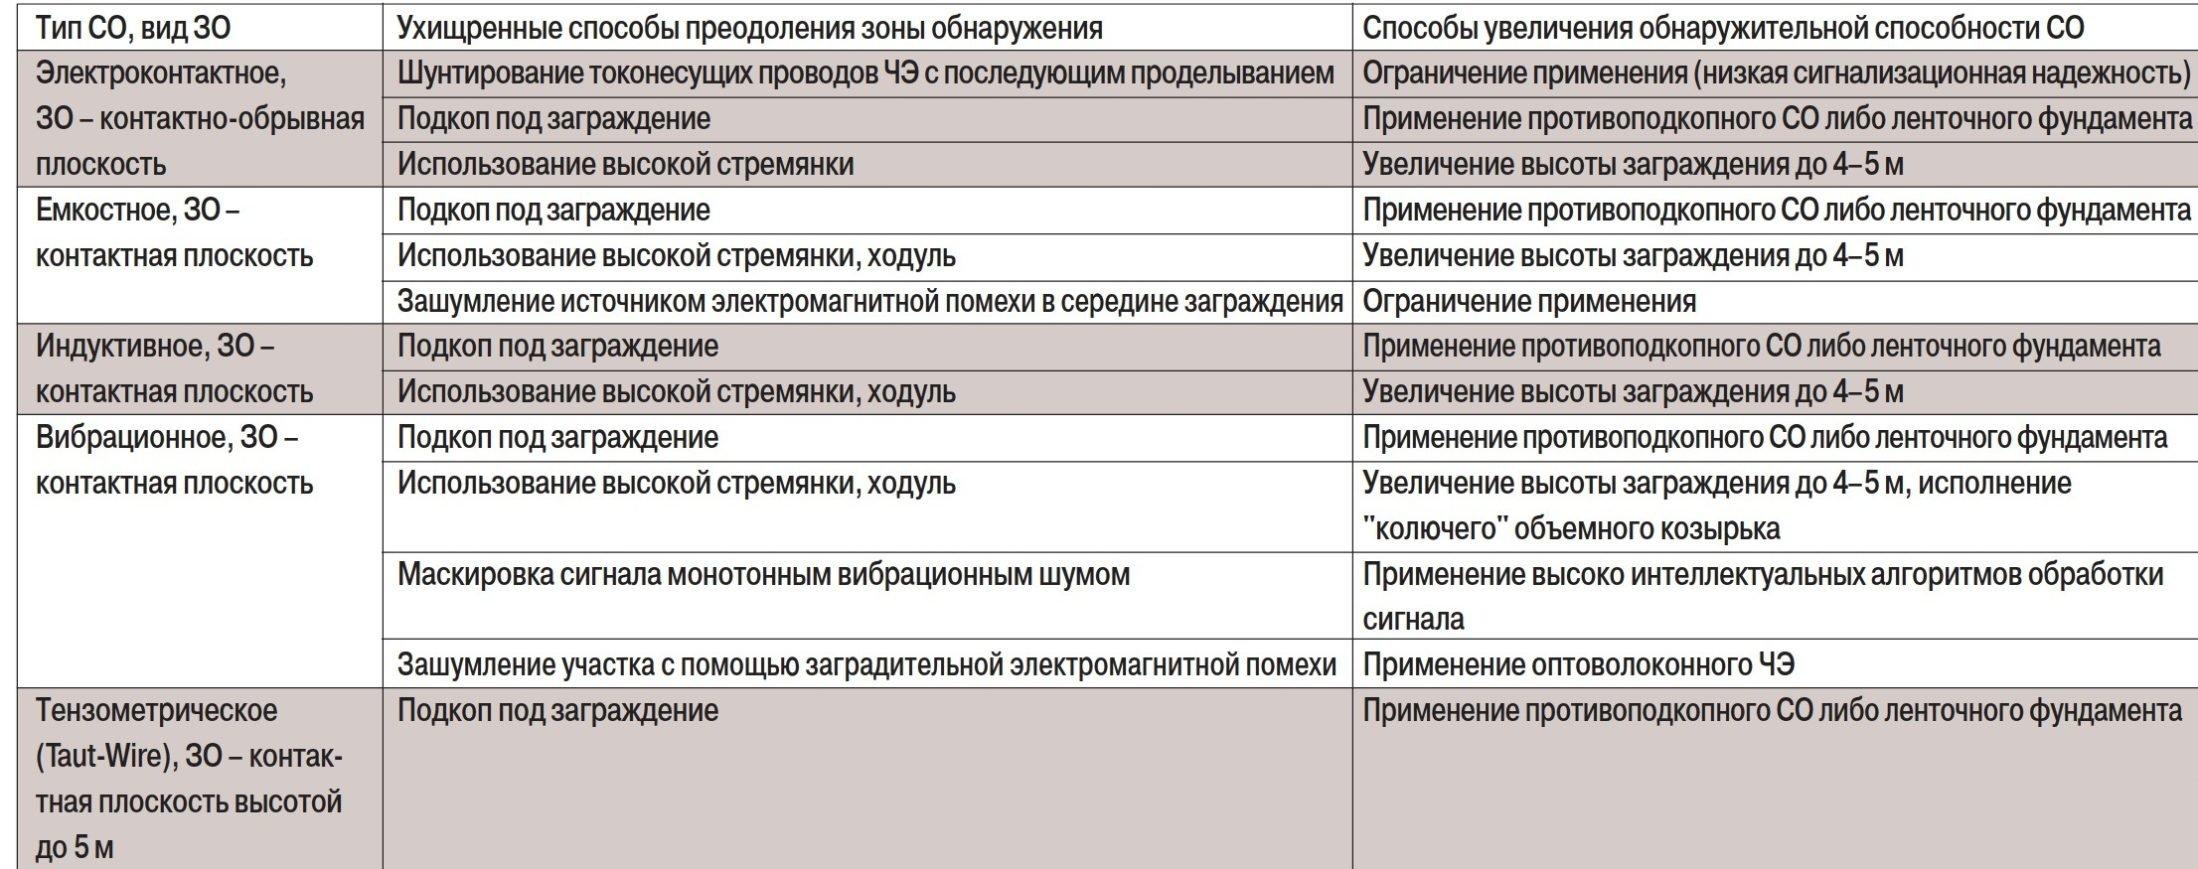 Vozmozhnosti-zagraditelnyh-signalizatsionnyh-sredstv-e1546012878950